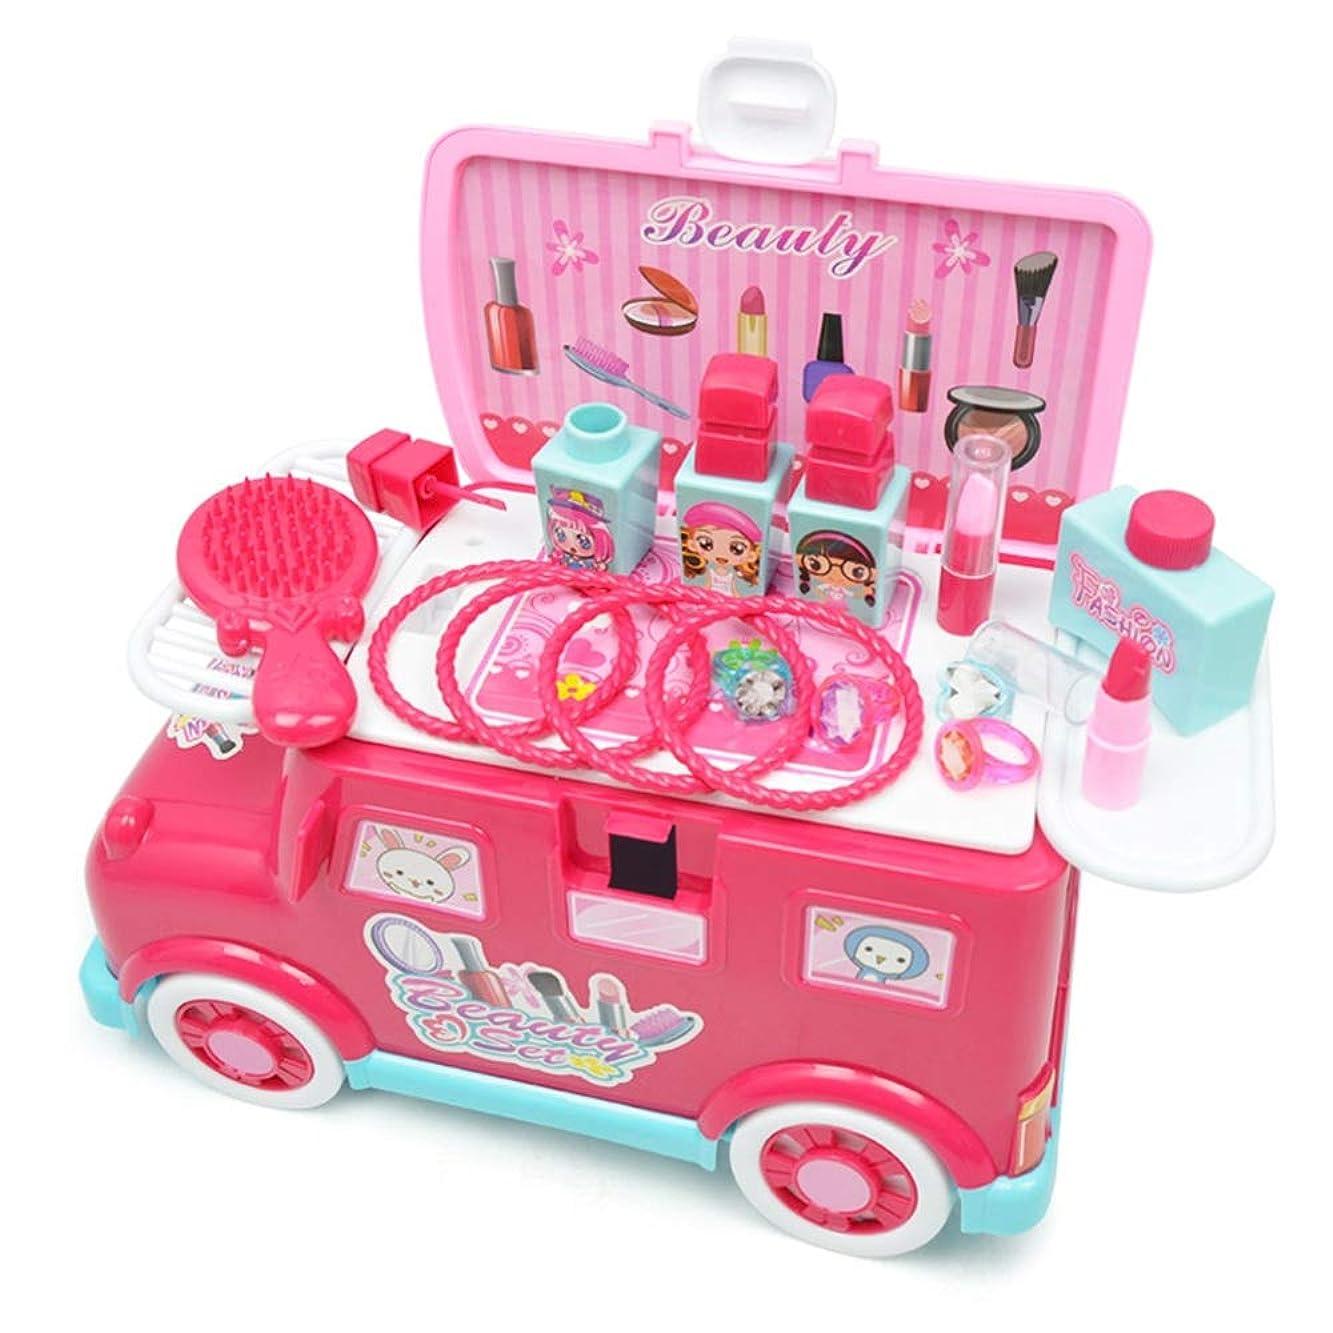 スピン誕生日和らげる化粧台 女の子メイクゲームセット 虚栄心を含むふりメイクキッズメイクキットふりプレイセット女の子のためのメイクセットリトルガールズ 子供のままごと遊びをするド (Color : Pink, Size : 30x15x16.5cm)